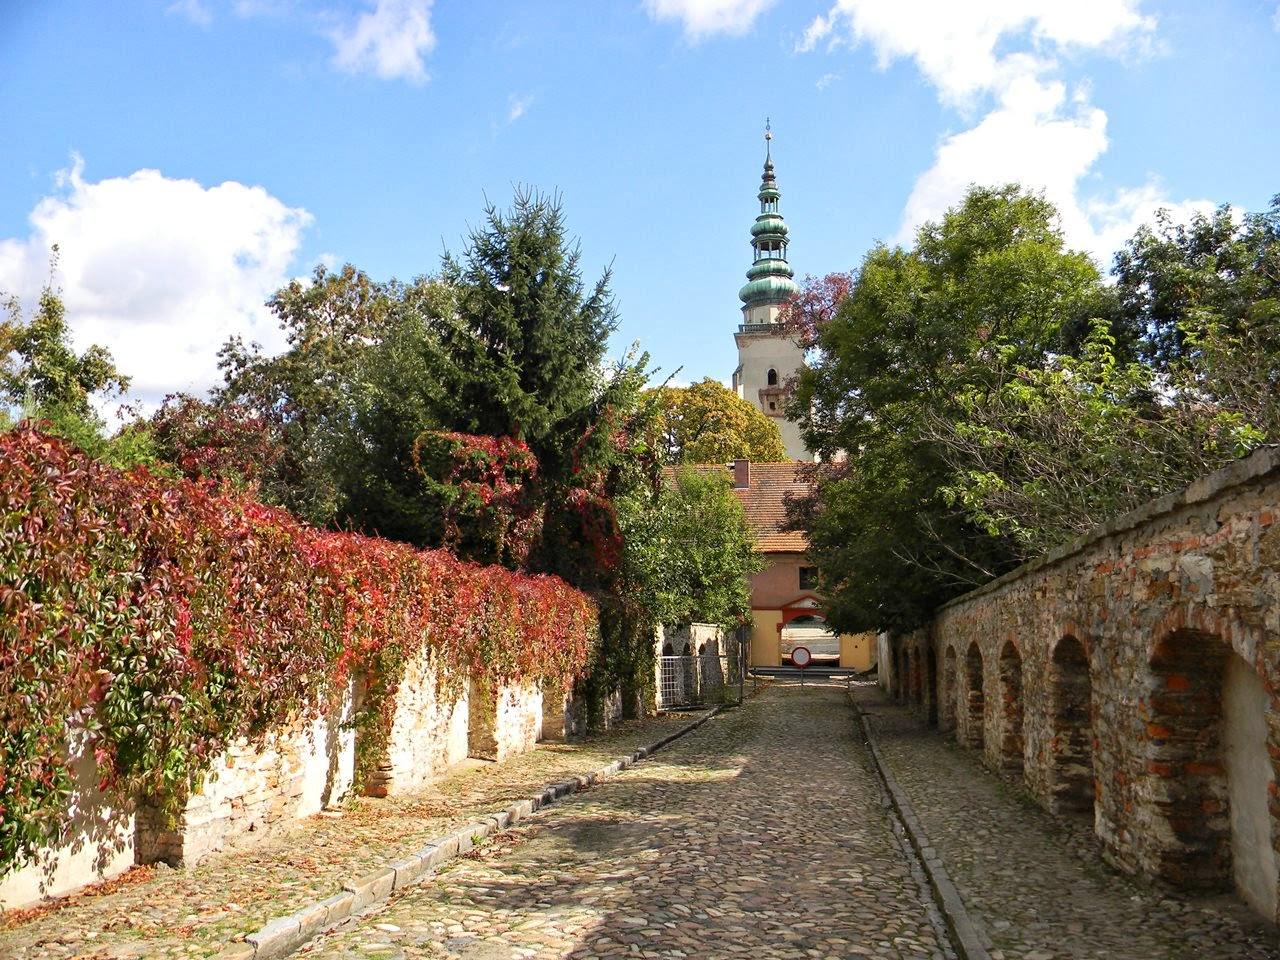 klasztor, Dolny Śląsk, droga, winobluszcz, przyroda, religia